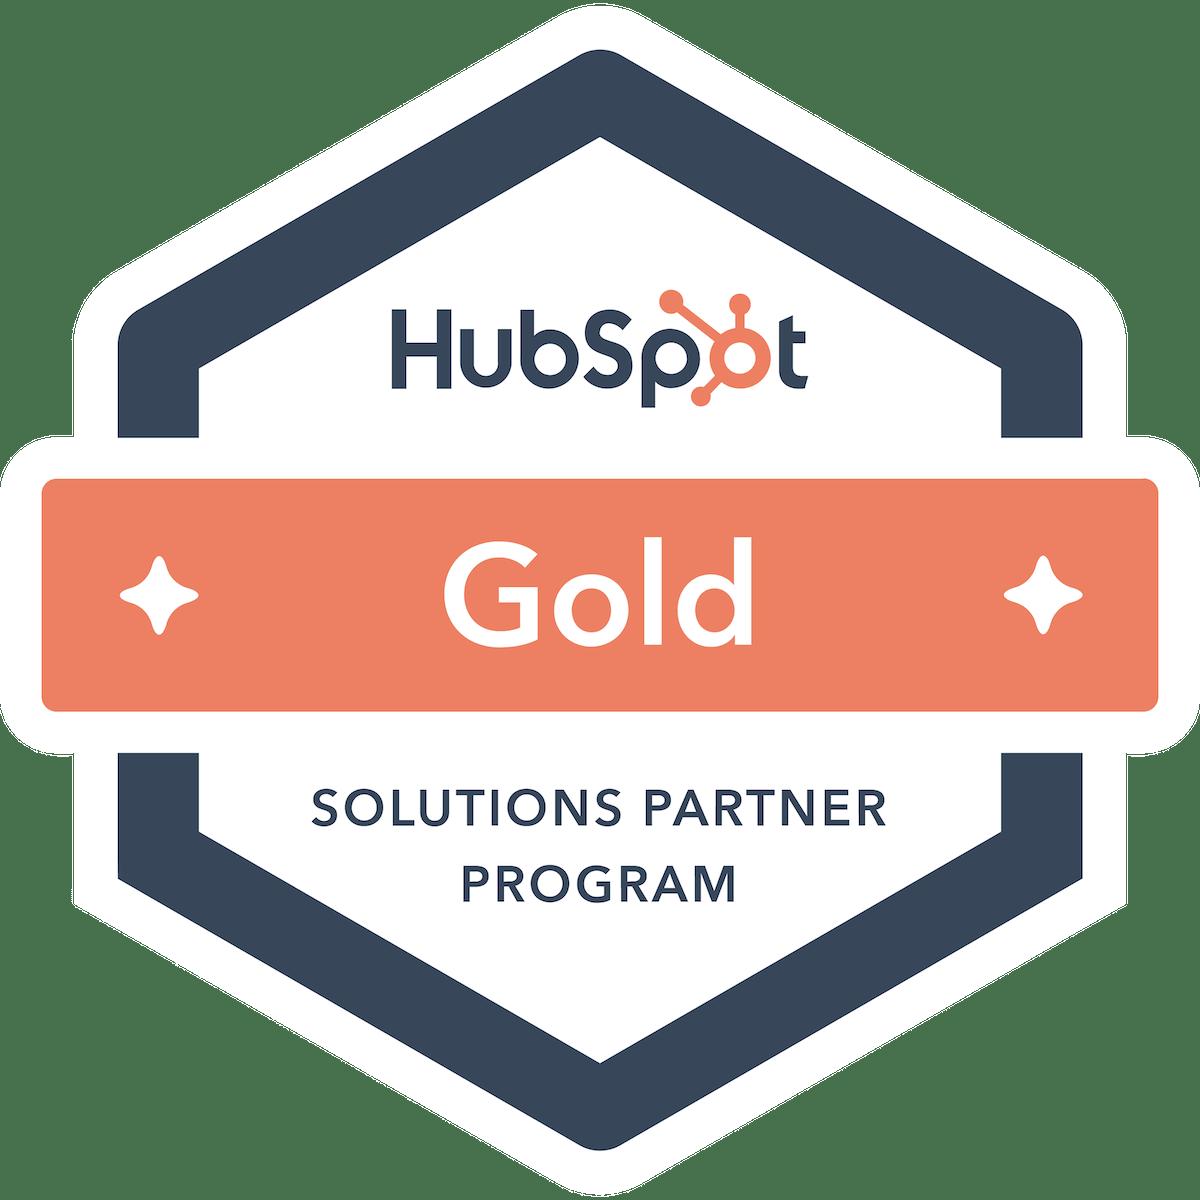 Shock Inbound - HubSpot Marketing Agency - HubSpot Gold Partner